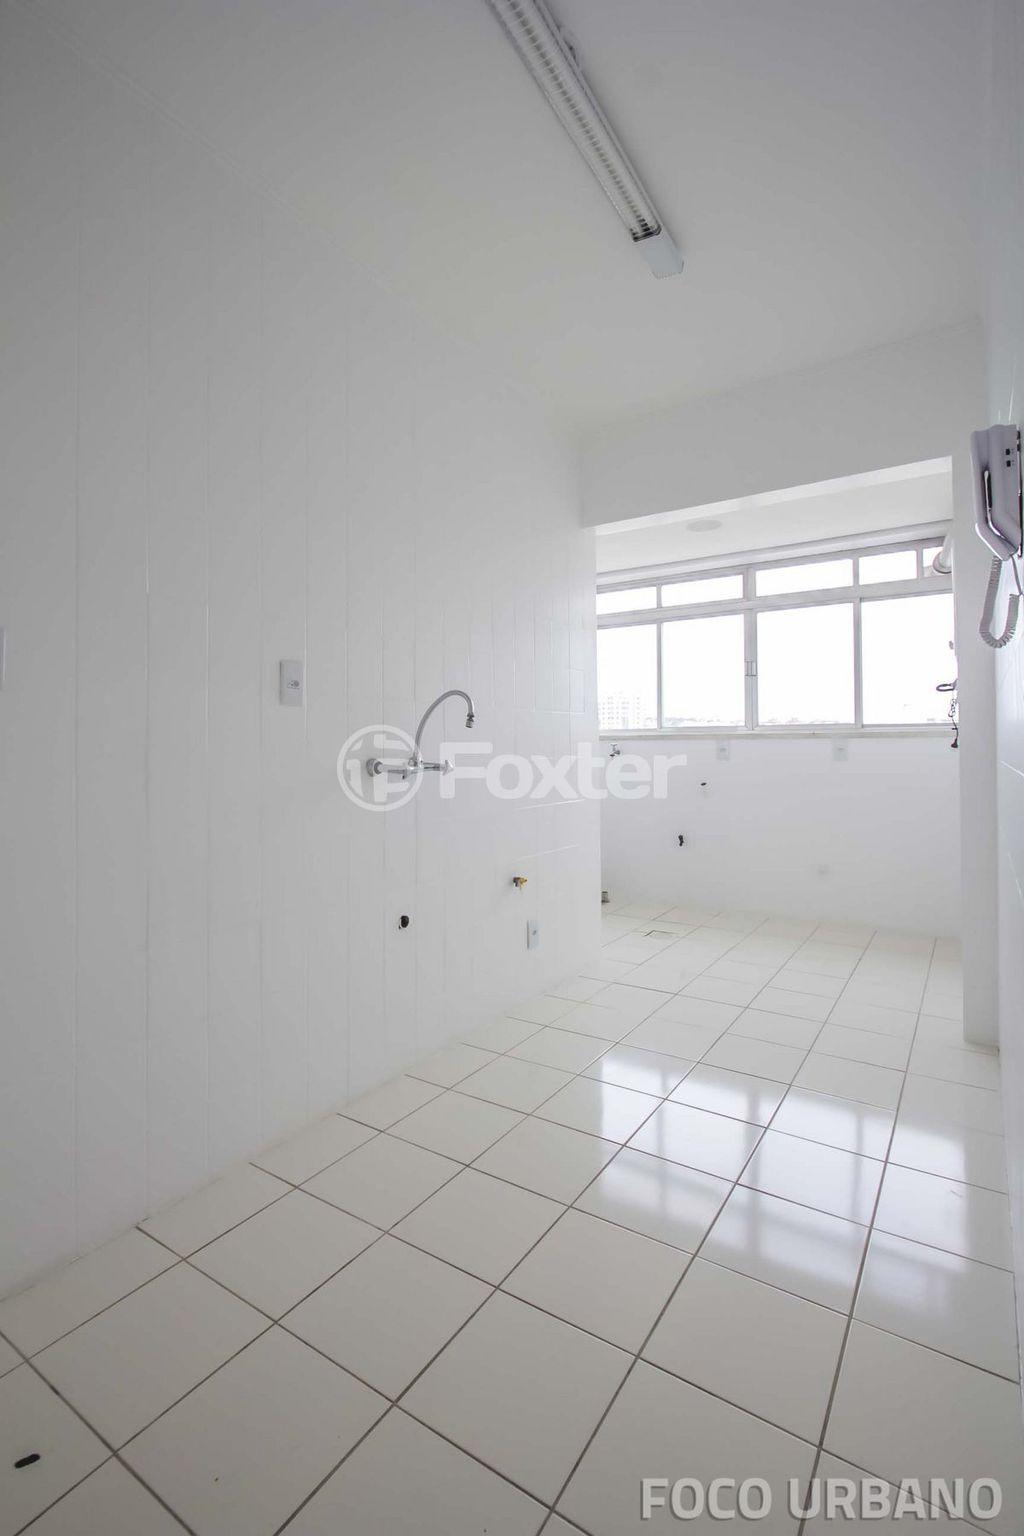 Foxter Imobiliária - Cobertura 2 Dorm (132146) - Foto 13